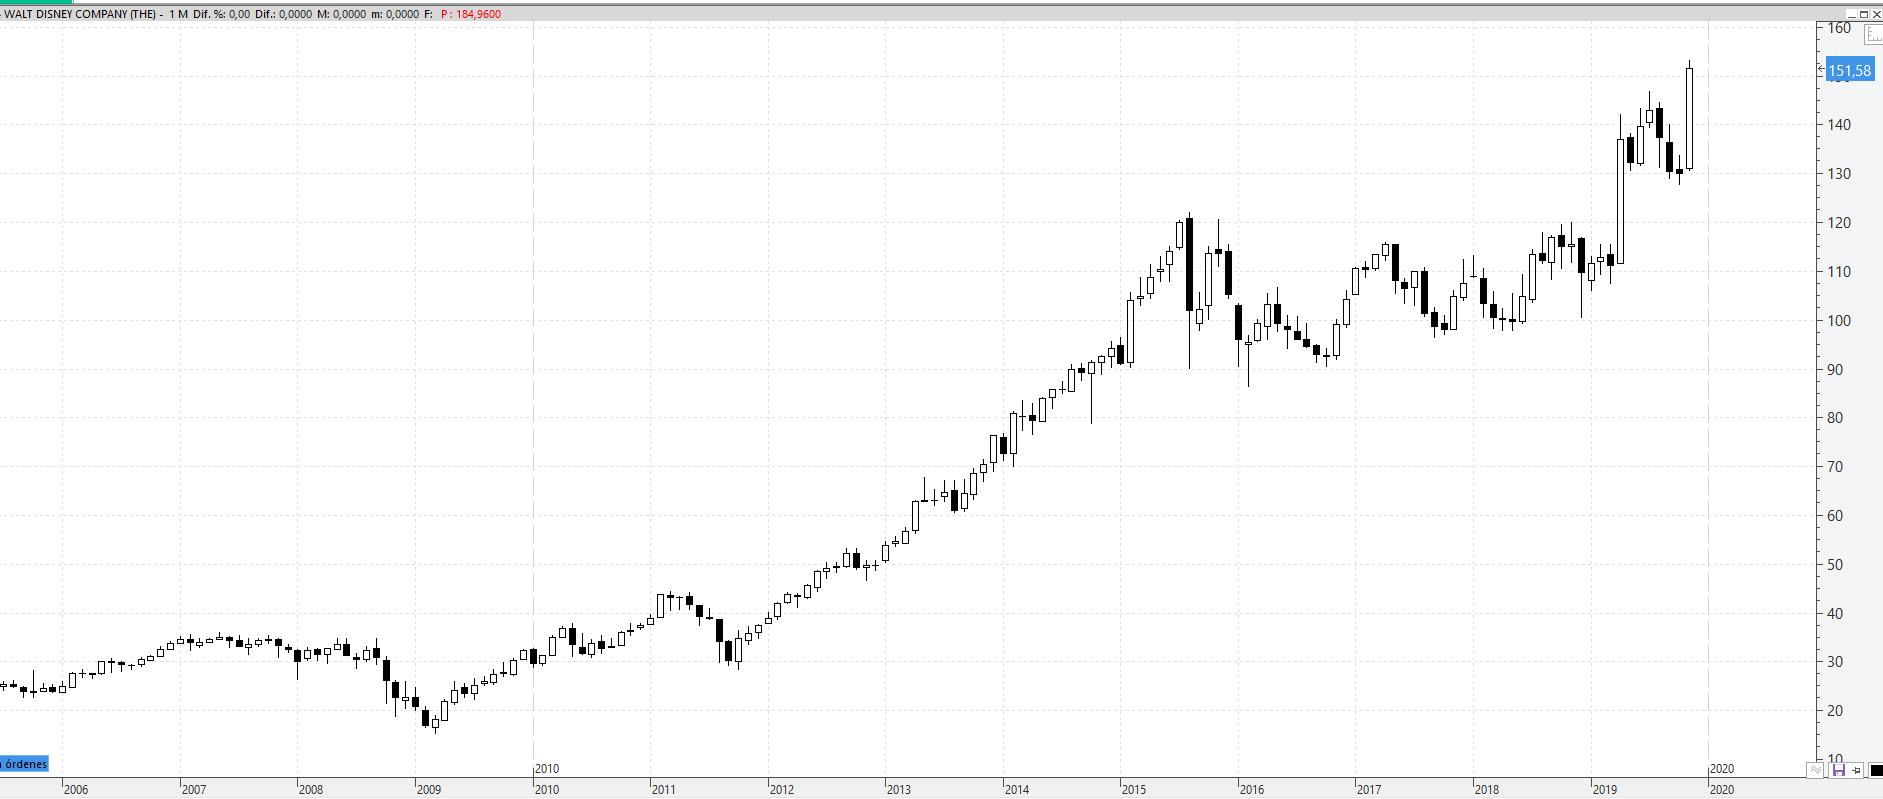 Un tercio del Dow Jones cerró en máximos absolutos noviembre